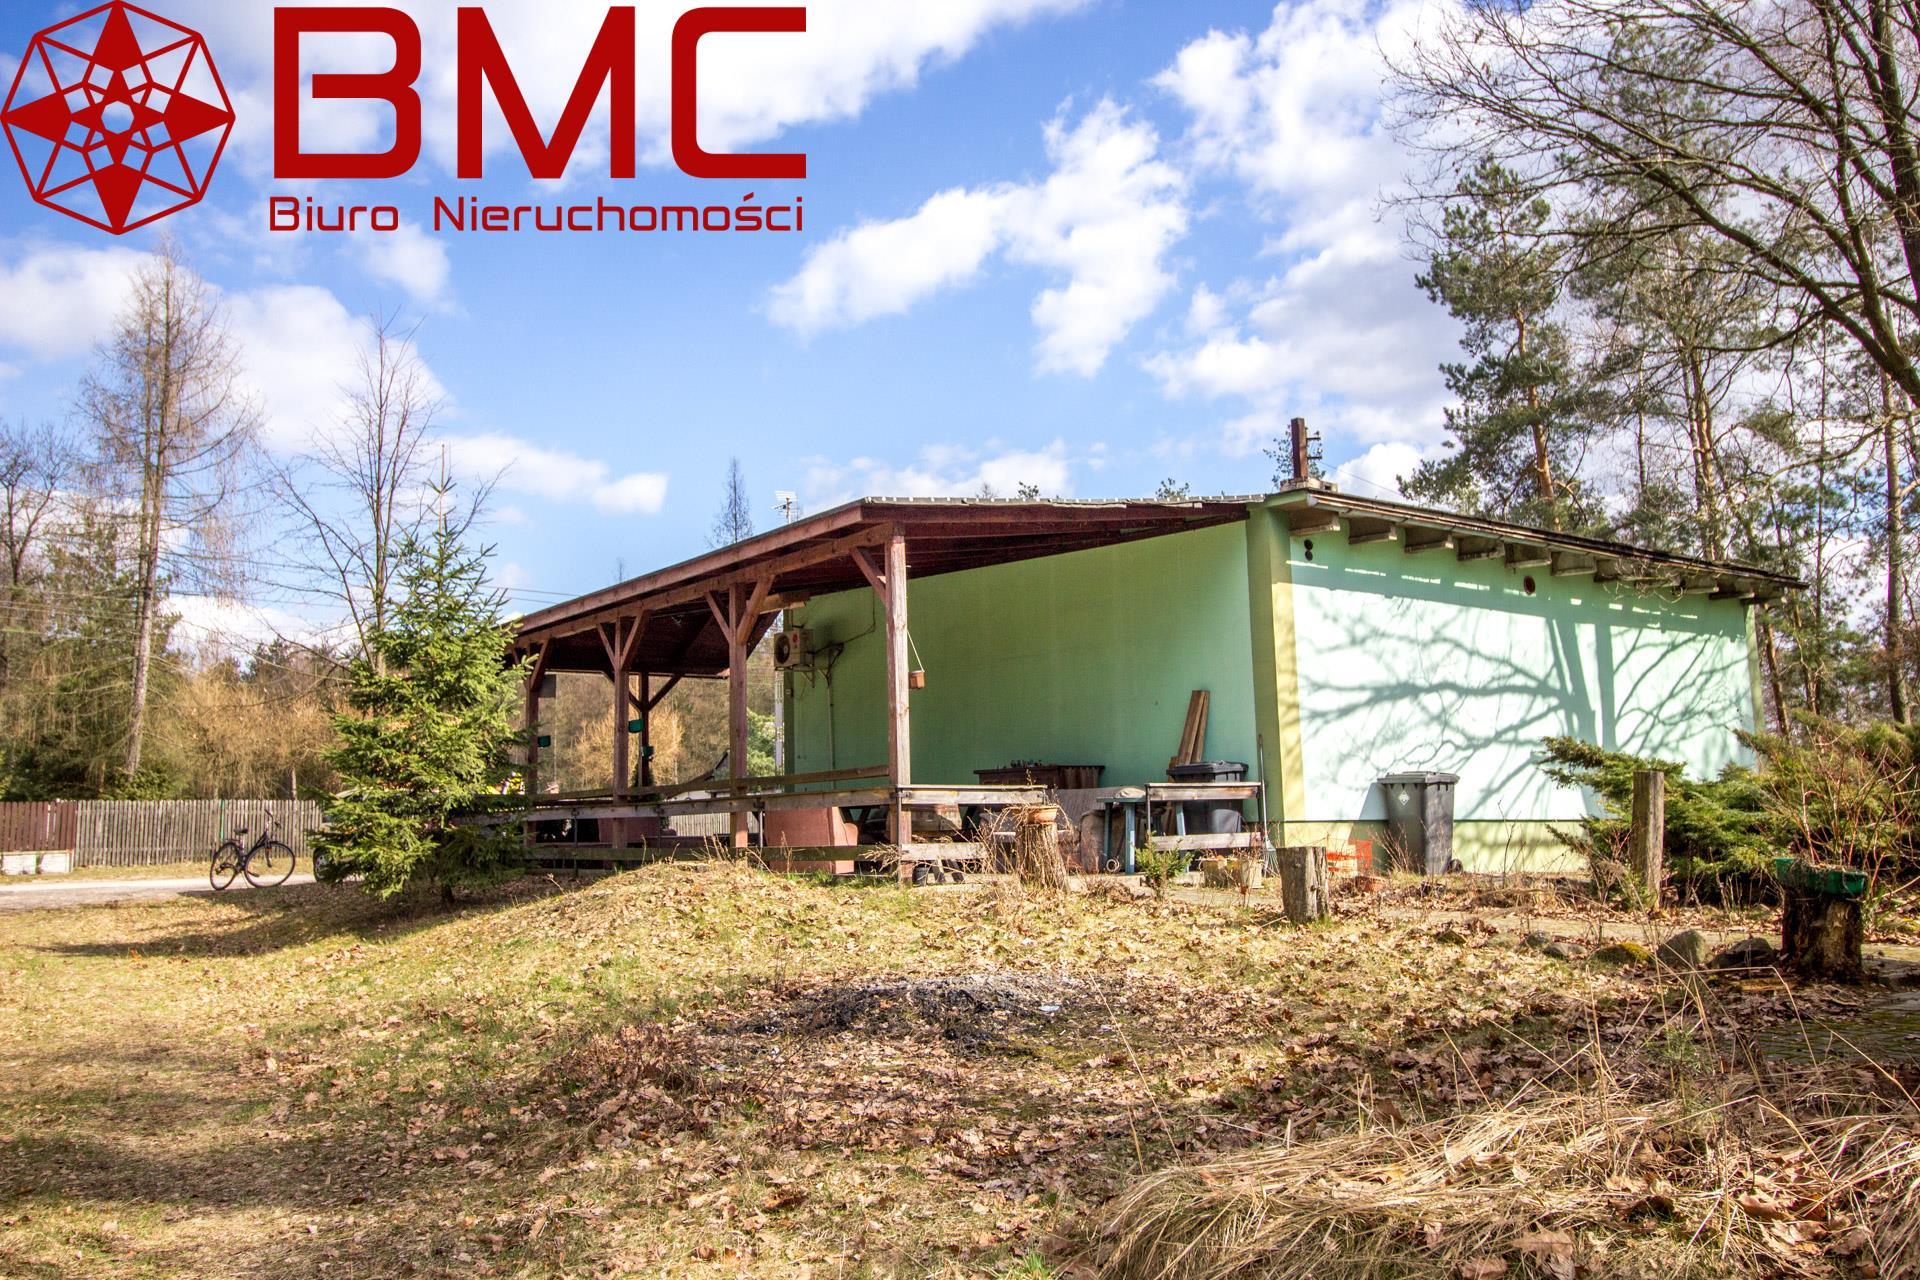 Nieruchomość Dom sprzedaż Kamińsko Budynek na domek letniskowy Kamińsko1